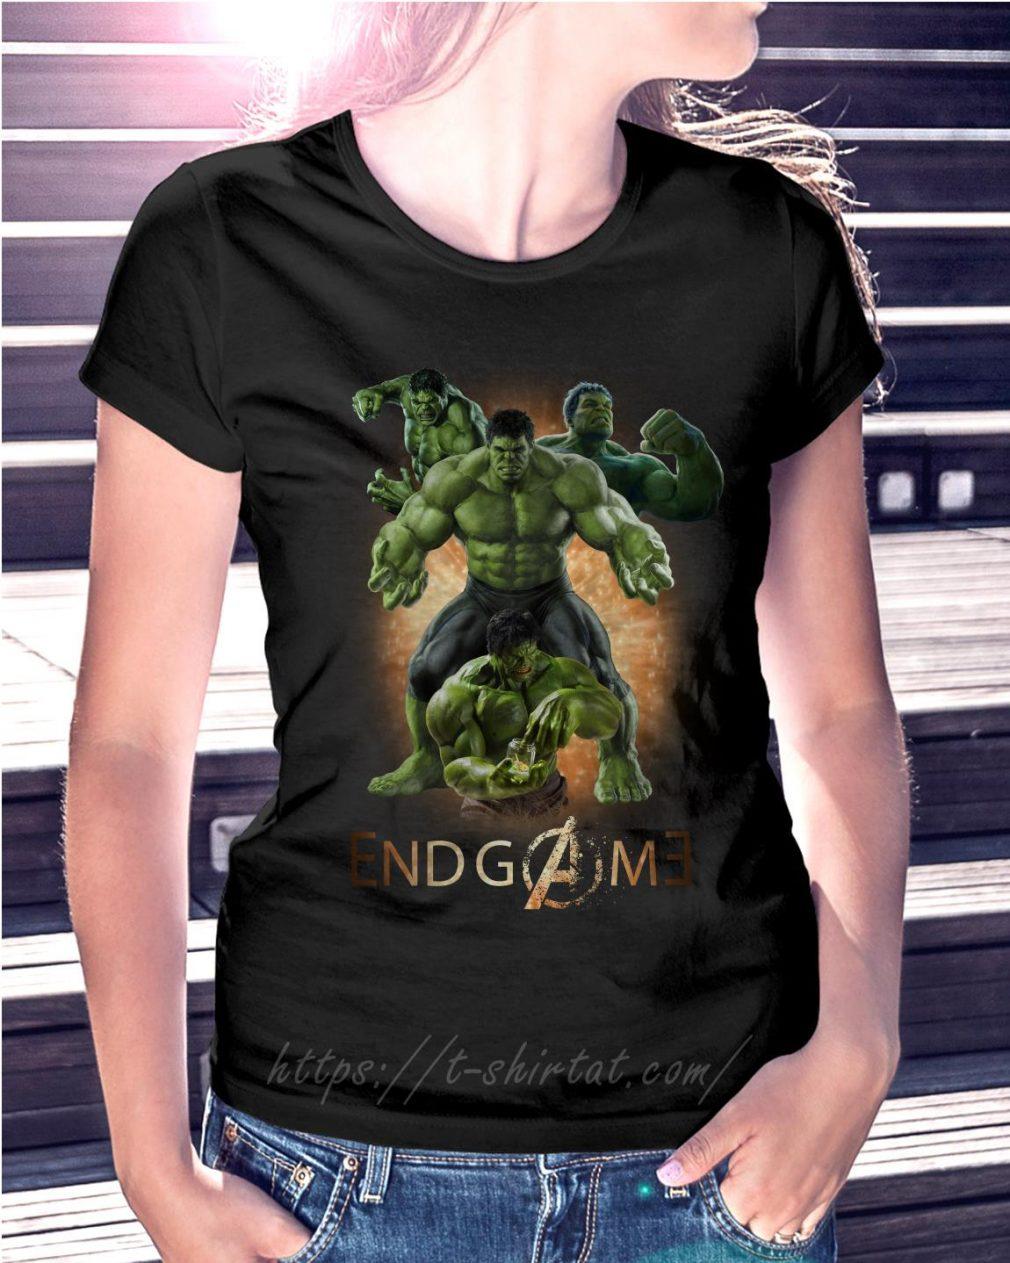 Marvel Avenger endgame Hulk poster